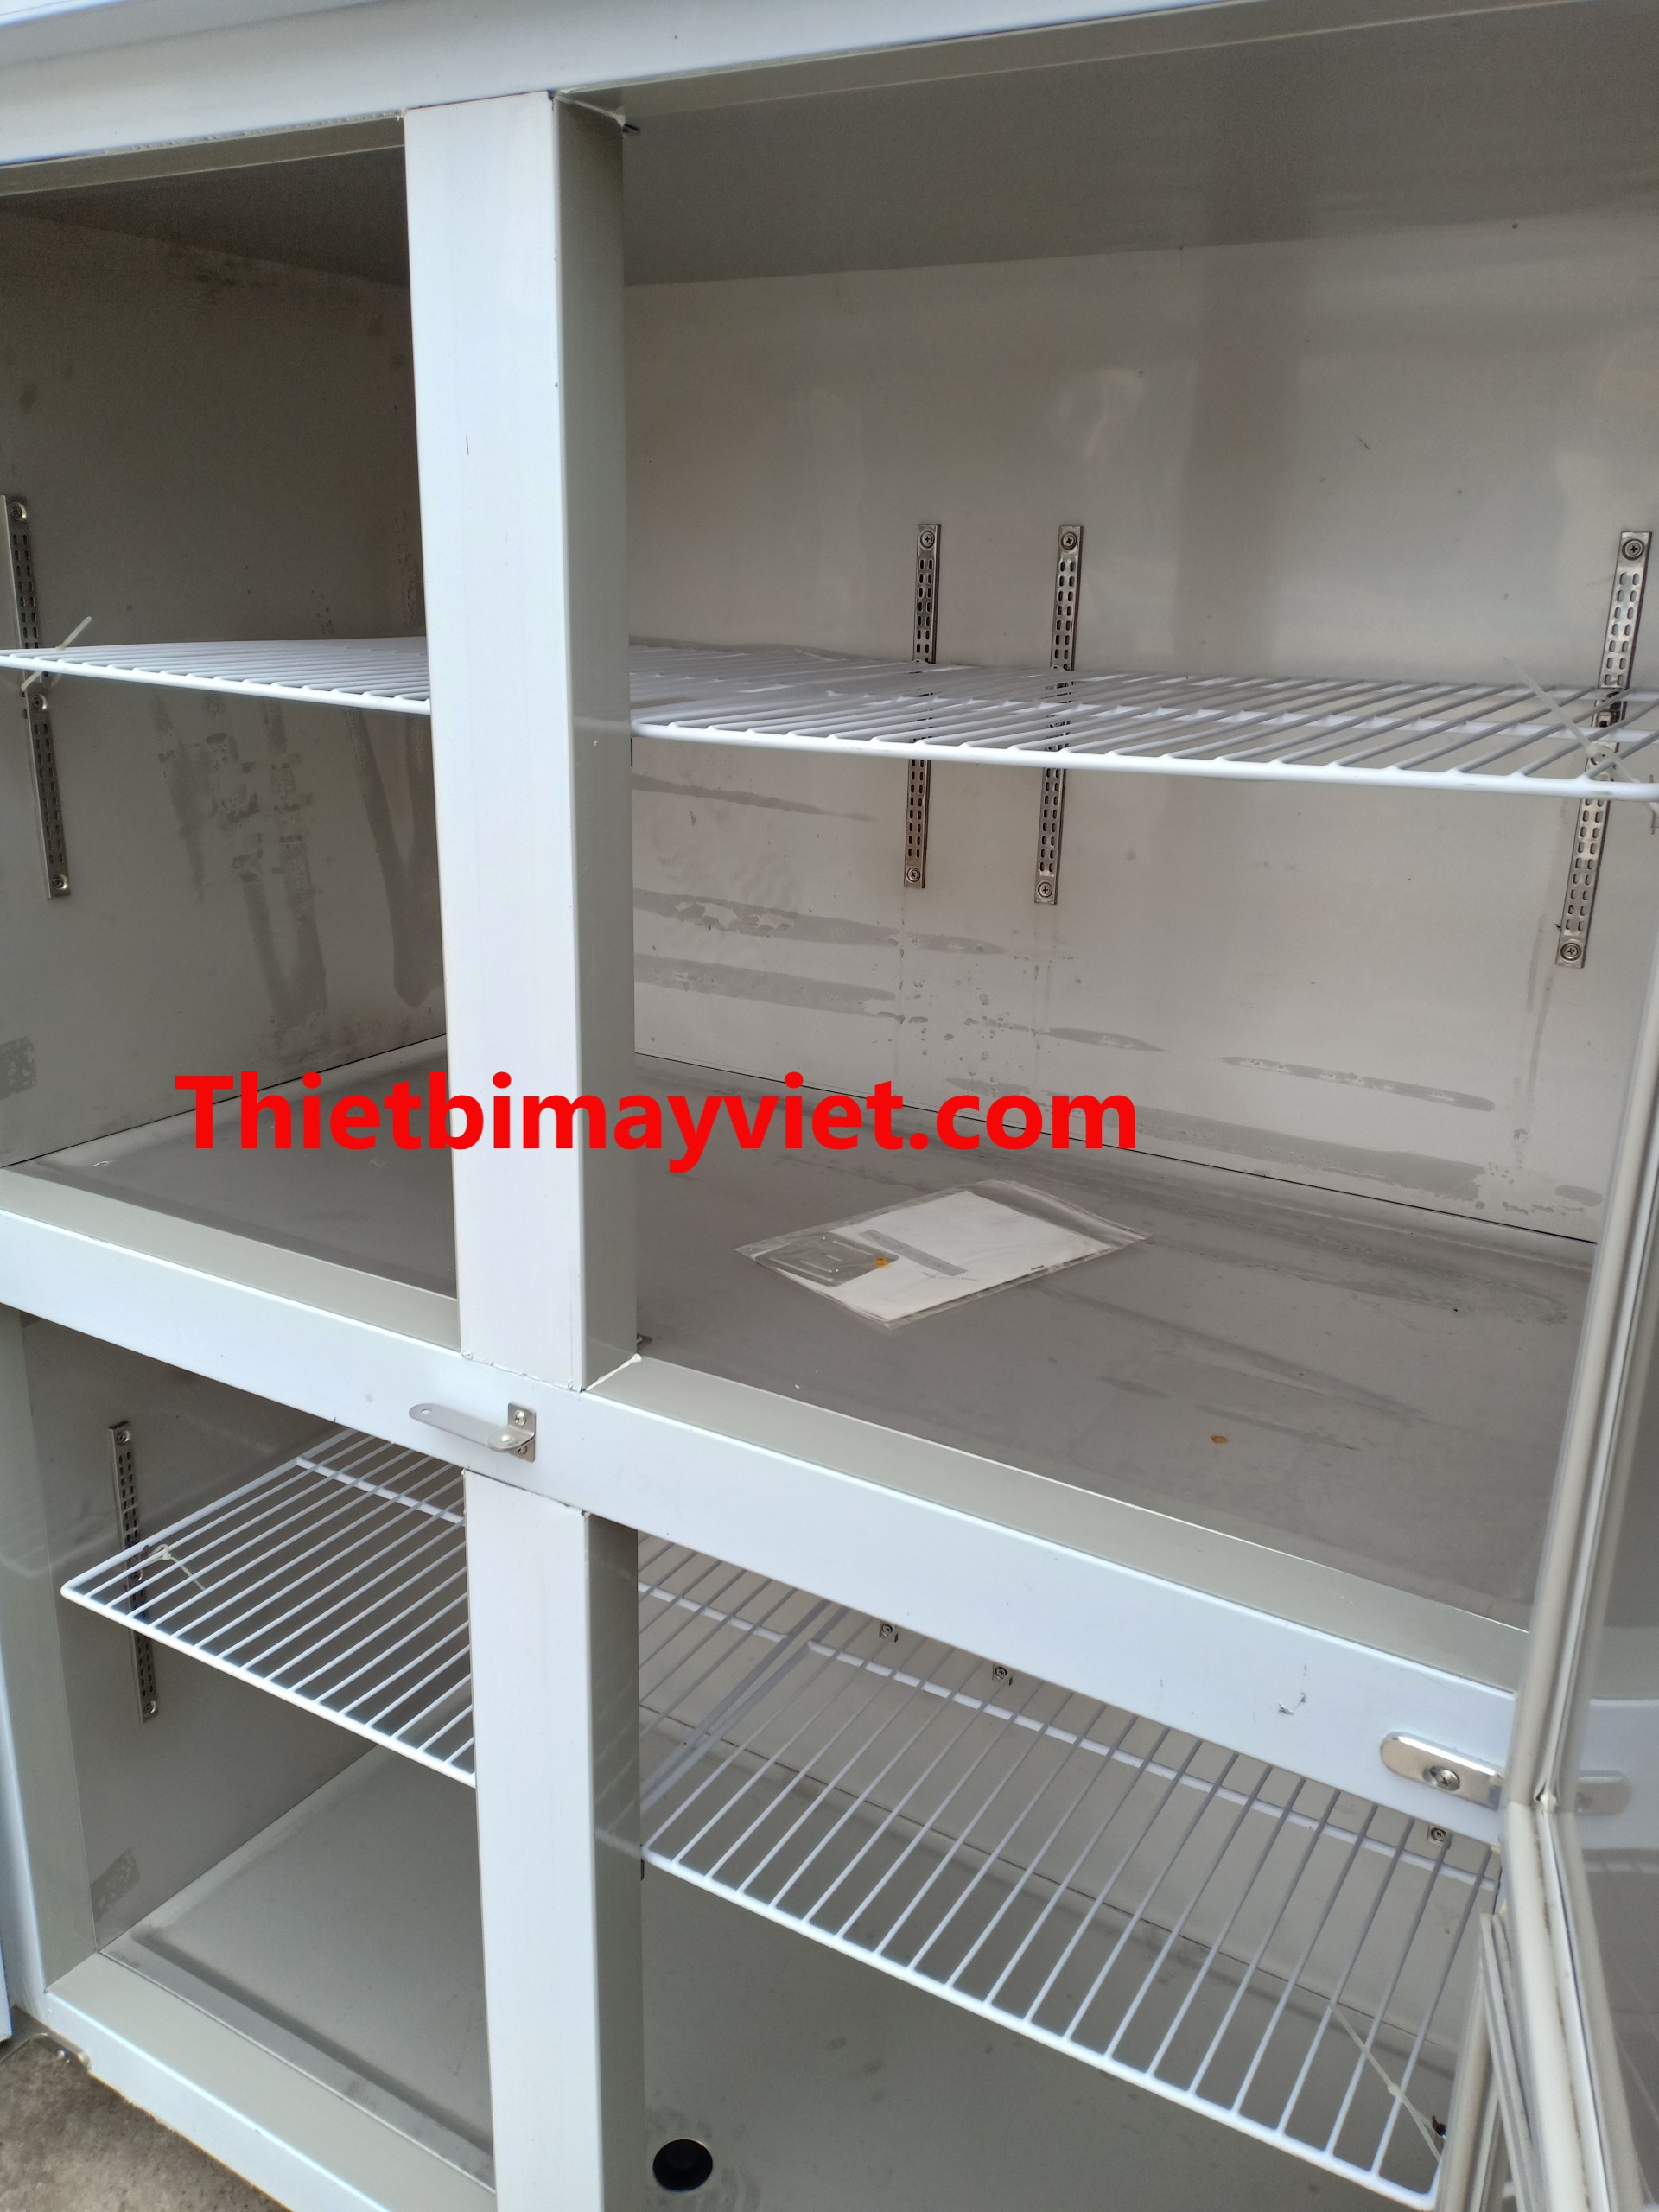 Tủ đông 4 cánh cảm ứng 2 giàn lạnh (III)